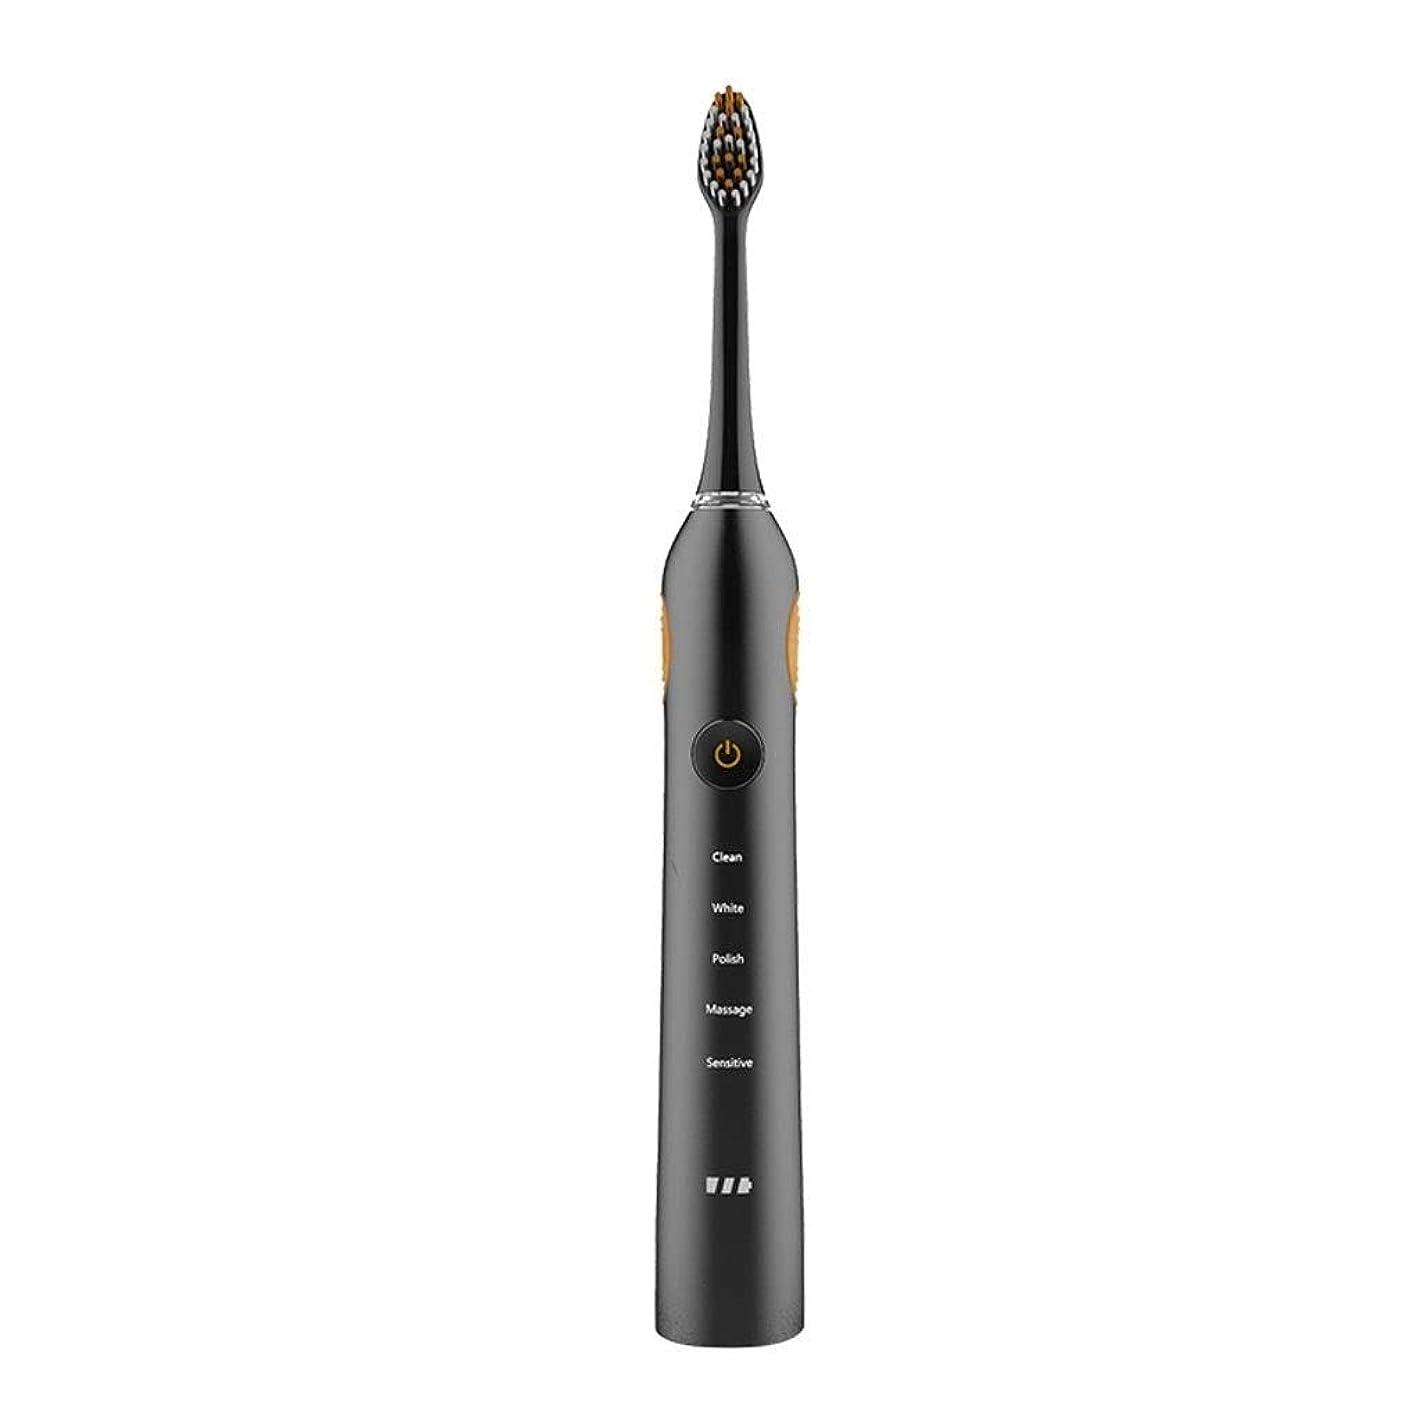 現実には今晩人道的WSJTT 新世代電動歯ブラシ5つのモード誘導は防水スマートタイマー充電し、2交換可能なブラシでリマインダーは人間工学に基づいたデザインをヘッズ (Color : Black)